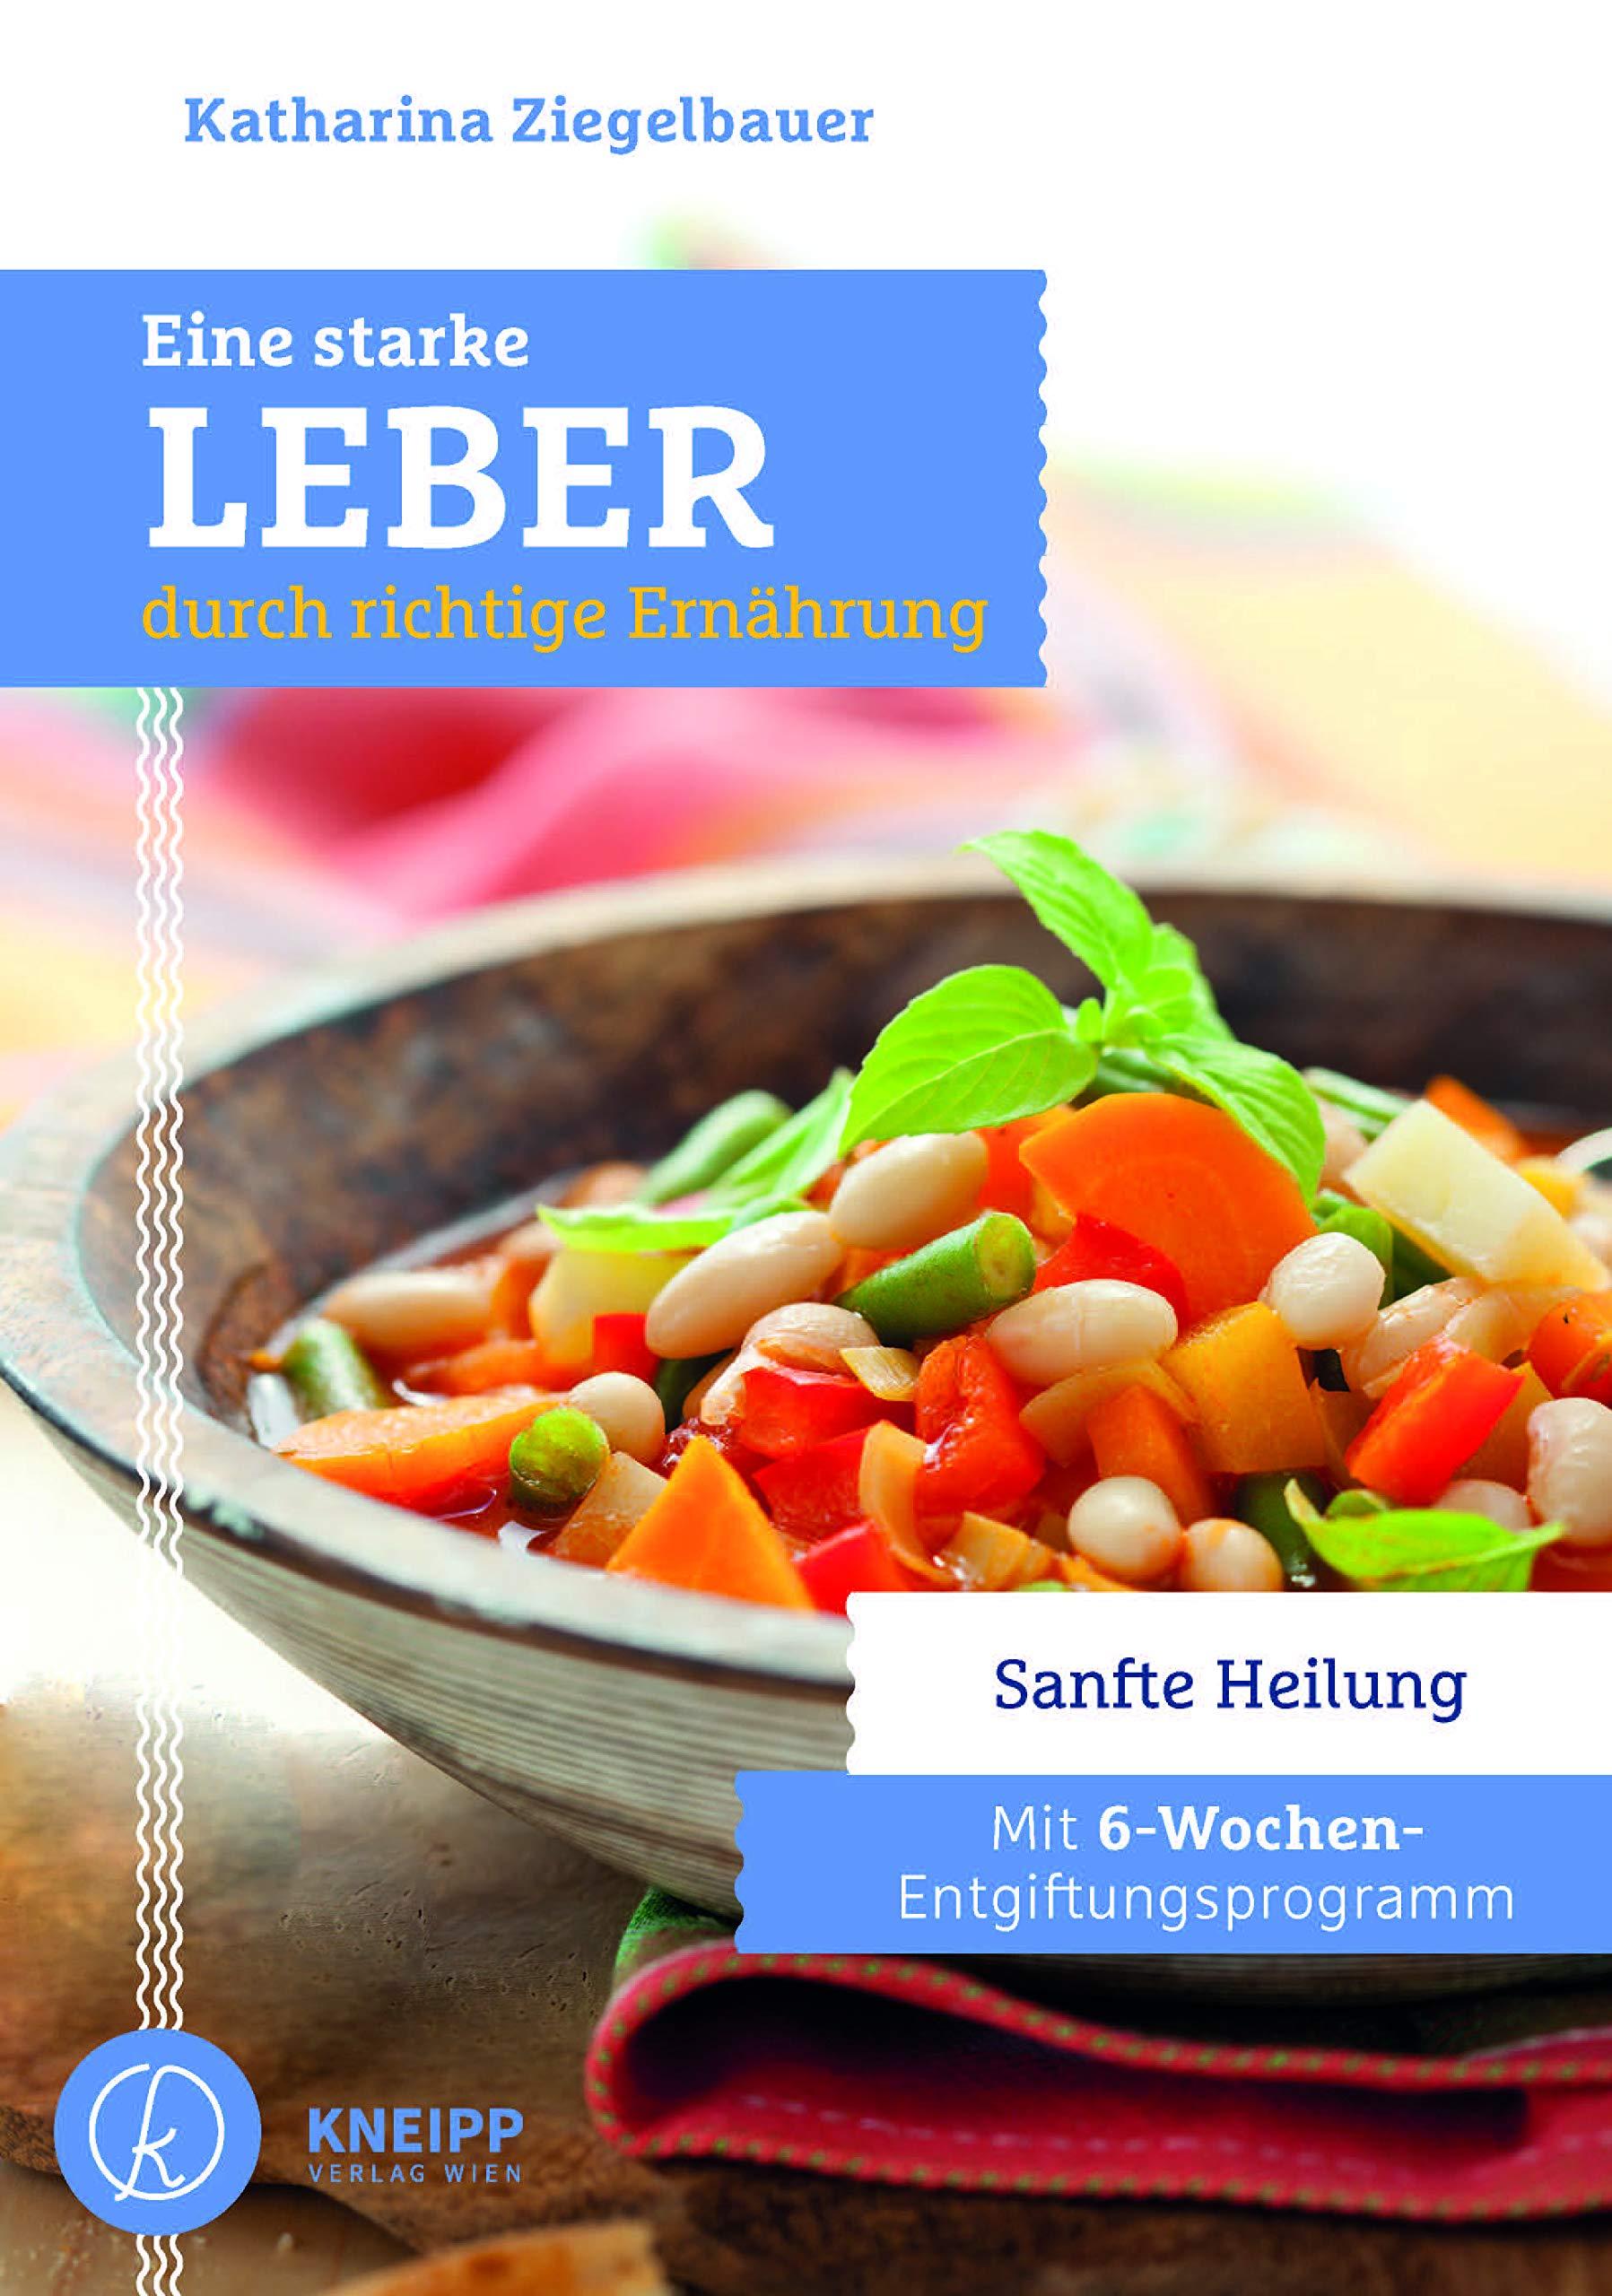 Behandlung und Ernährung von Fettleber-Symptomen